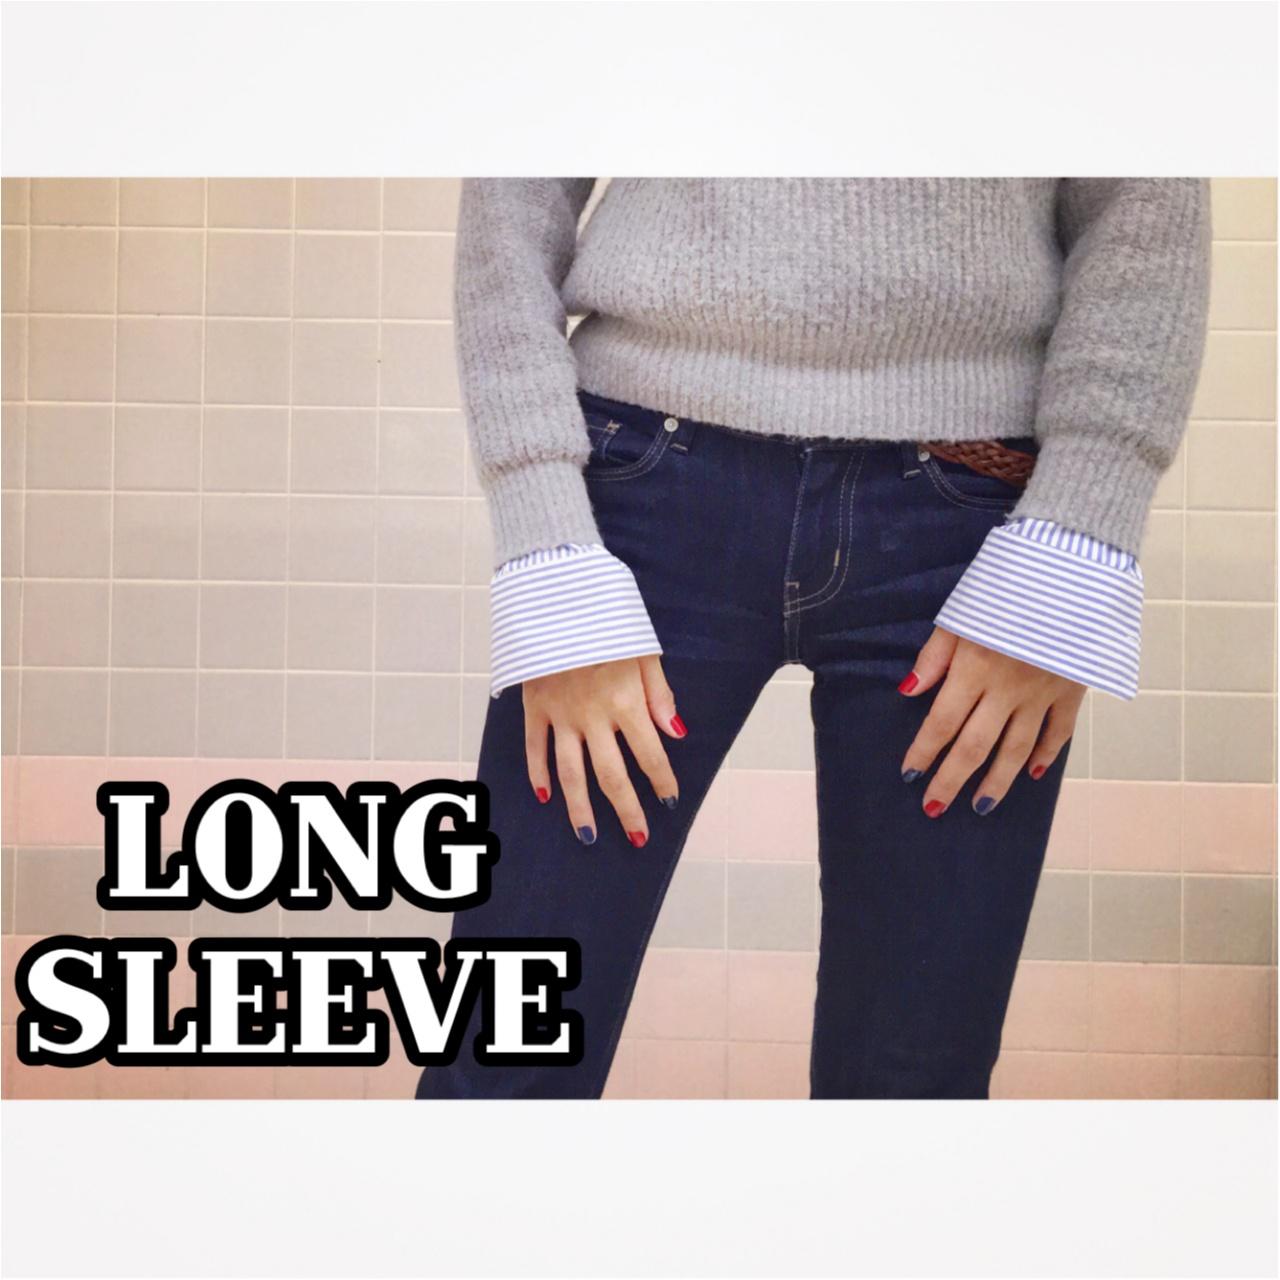 ▶▶秋冬流行の『ロングスリーブ』を≪GUメンズシャツ≫でゆる~くオフィスコーデに取り入れちゃいました☺_1